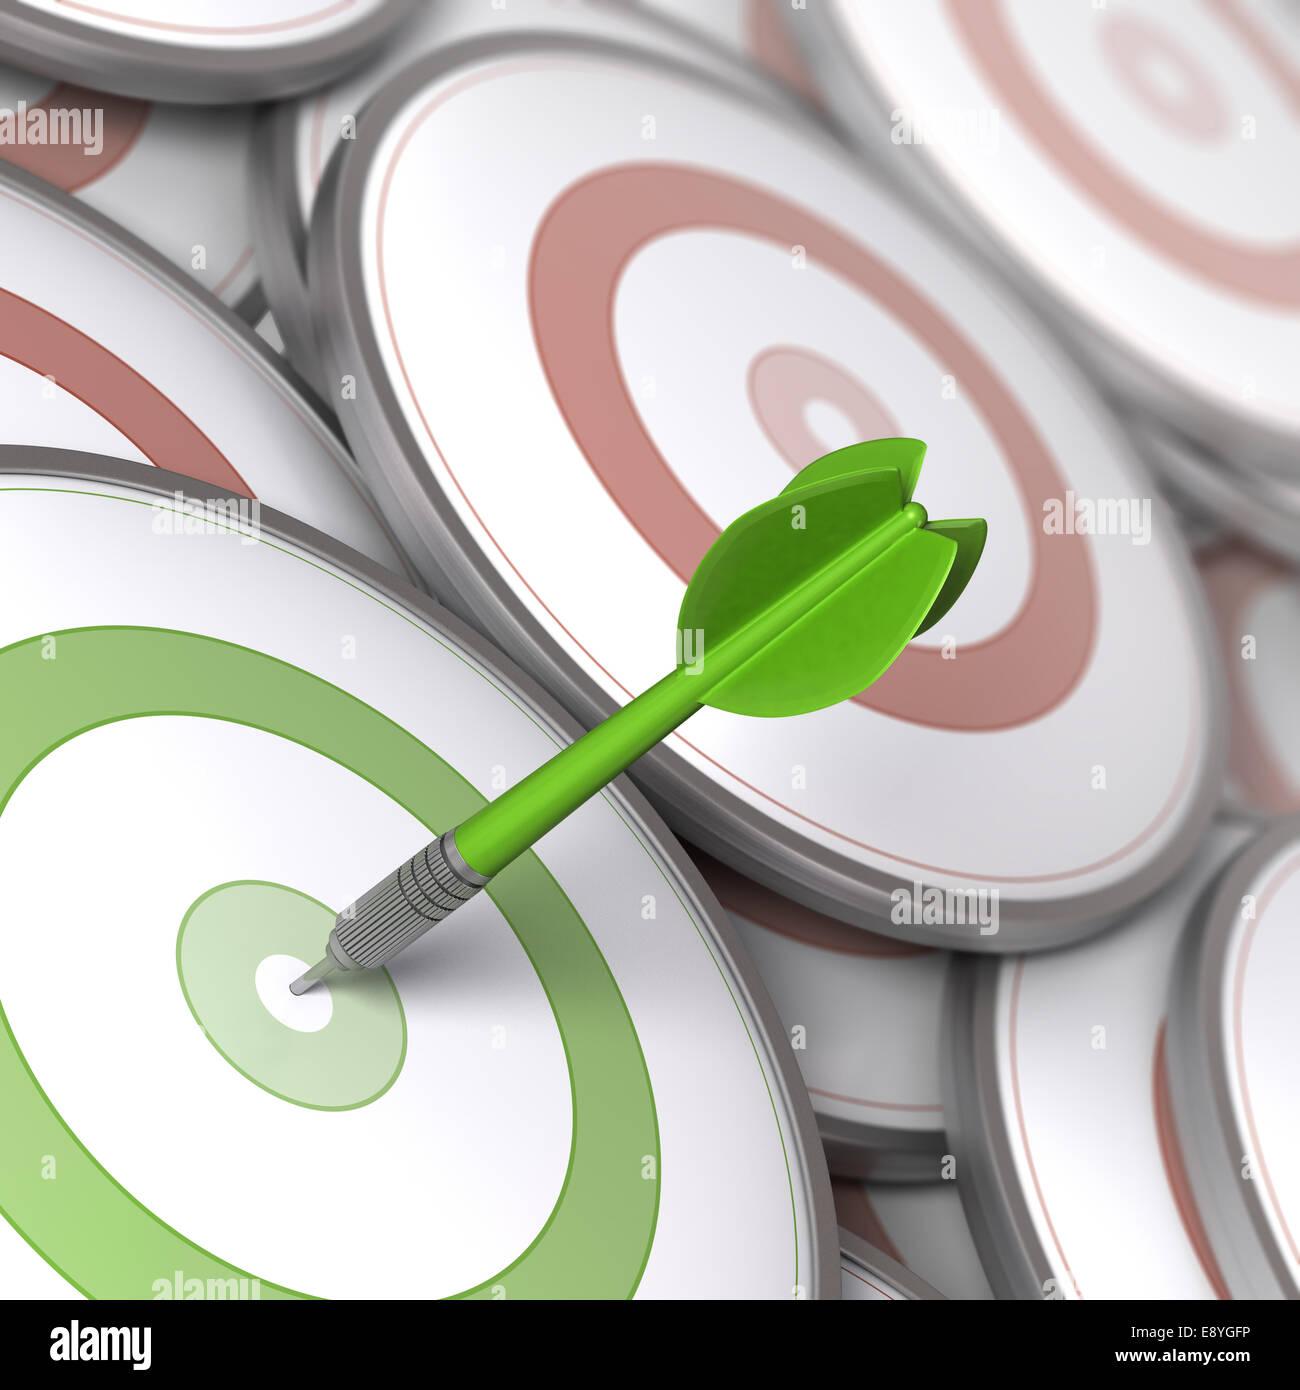 Ein Pfeil trifft das Zentrum einer modernen Dartscheibe, Ziele Konzept zur Veranschaulichung Geschäftsoptionen Stockbild